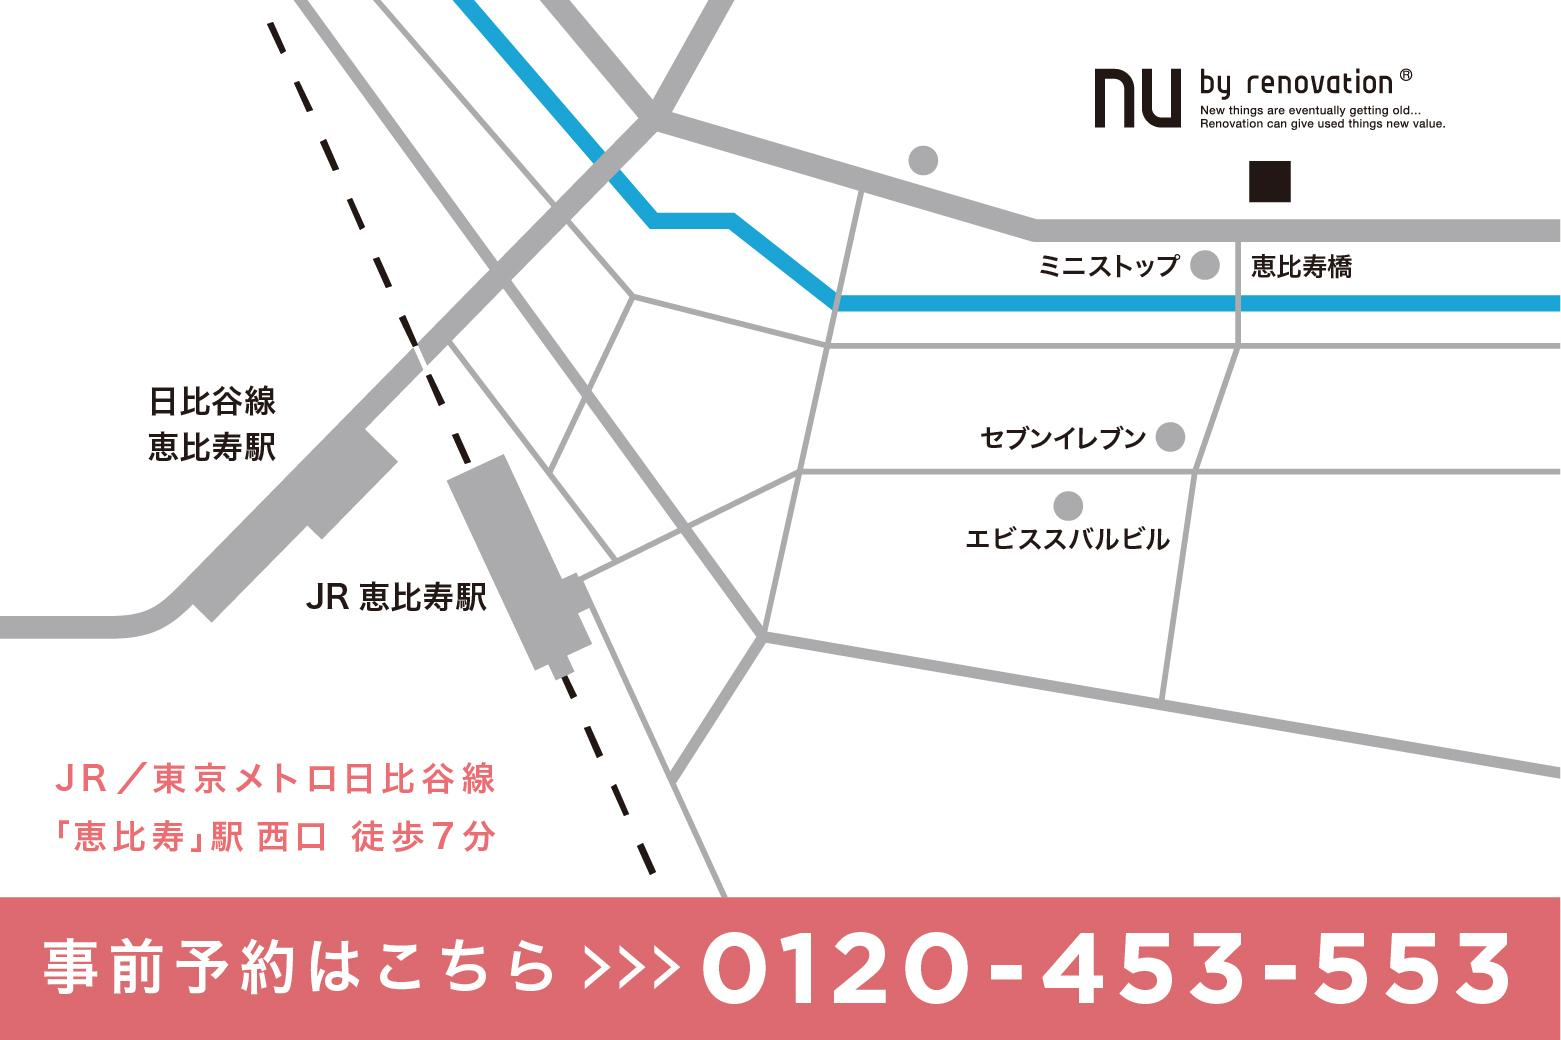 恵比寿駅から徒歩7分。お気軽にお越しください。